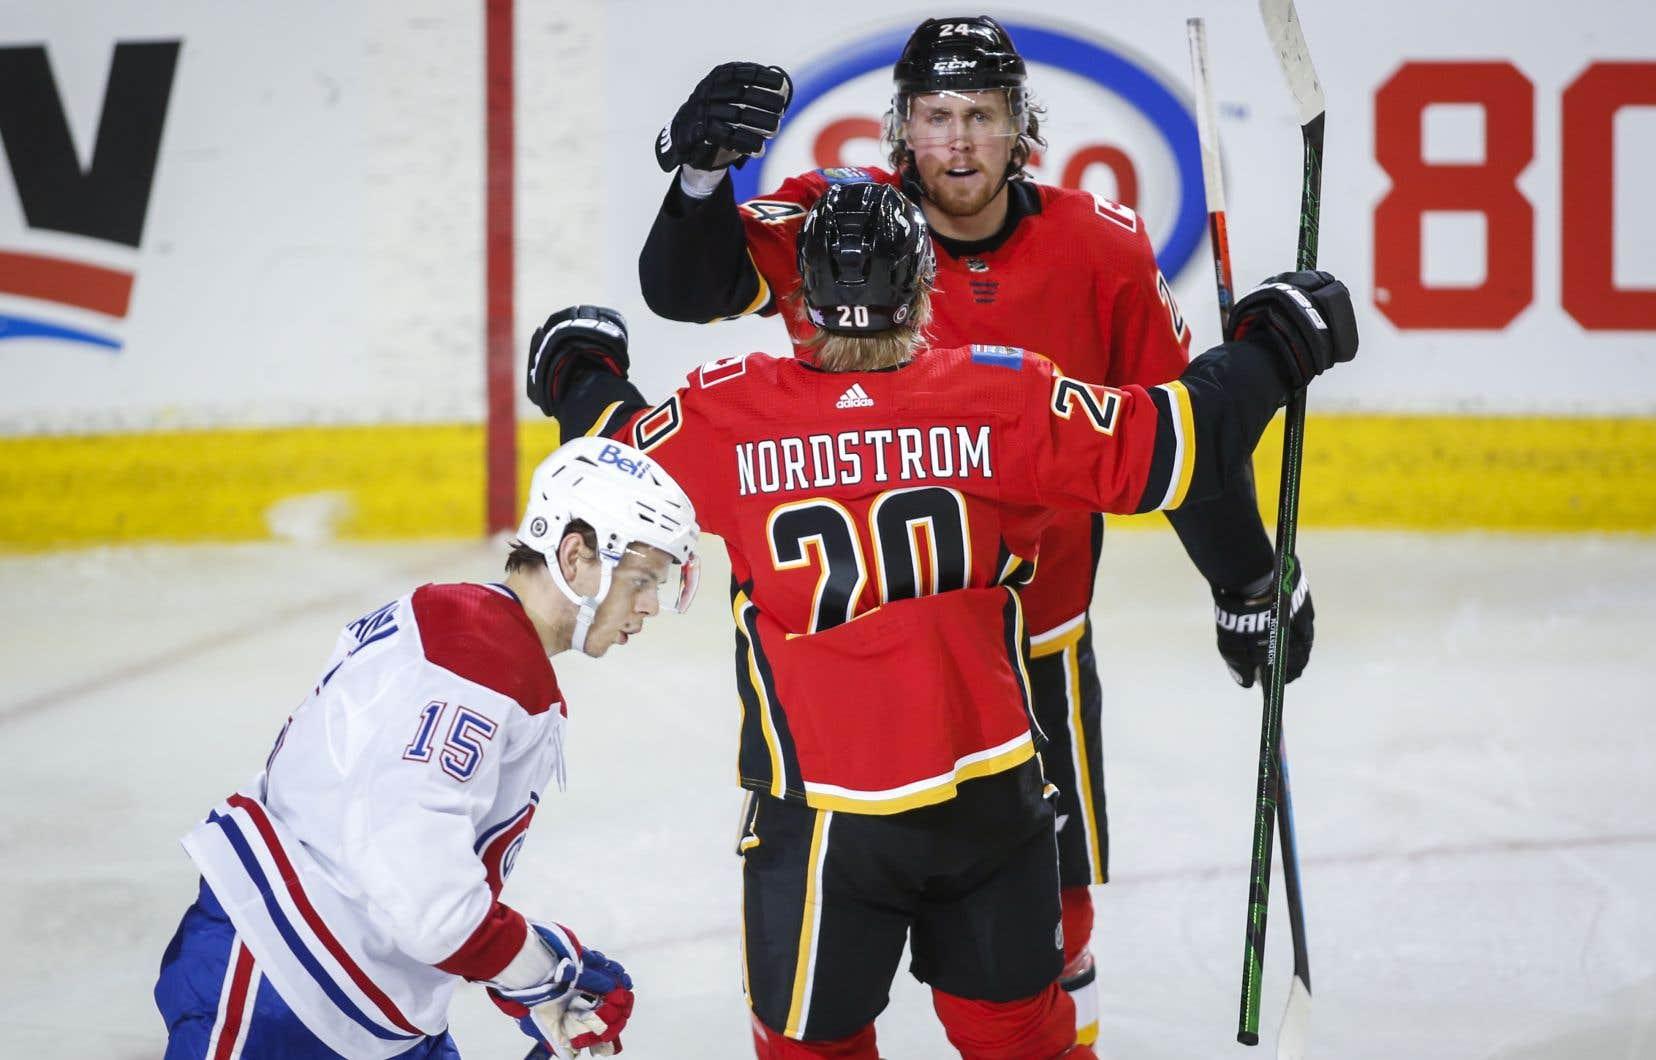 Le Canadien deMontréal a perdu 5-2 face aux Flames de Calgary, samedi soir. Le Tricolore affrontera de nouveau l'équipe albertaine lundi, soit la dernière rencontre de la saison entre les deux formations.